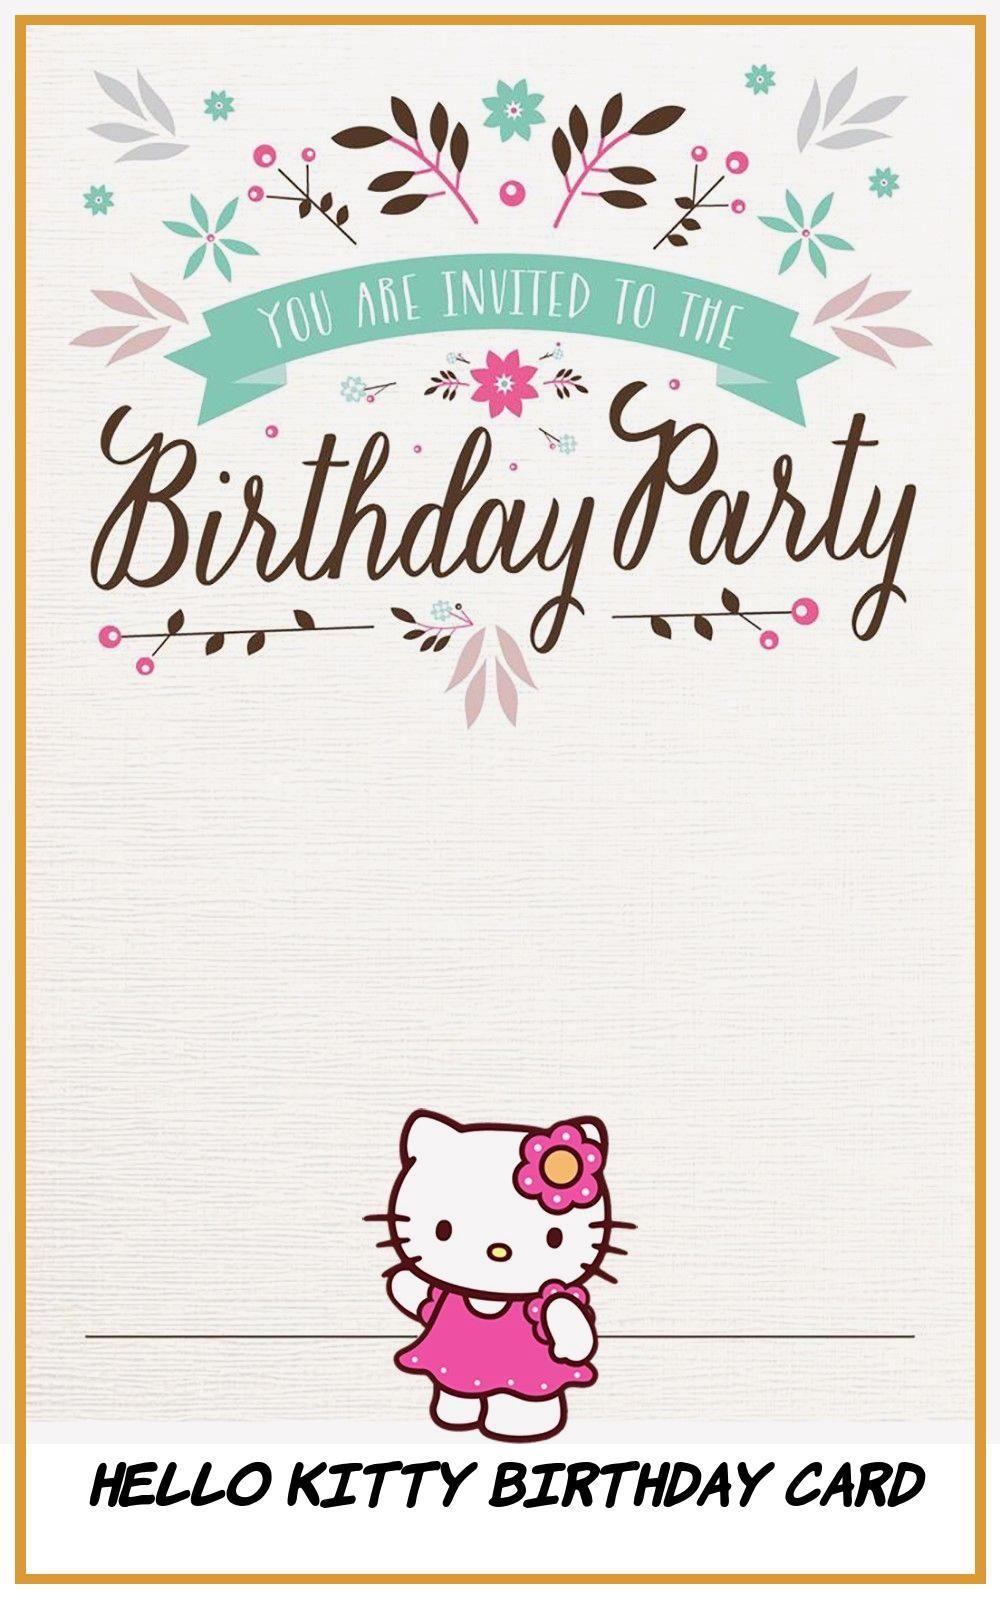 12 Top Hello Kitty Birthday Card Hello Kitty Birthday Birthday Cards Hello Kitty Birthday Invitations